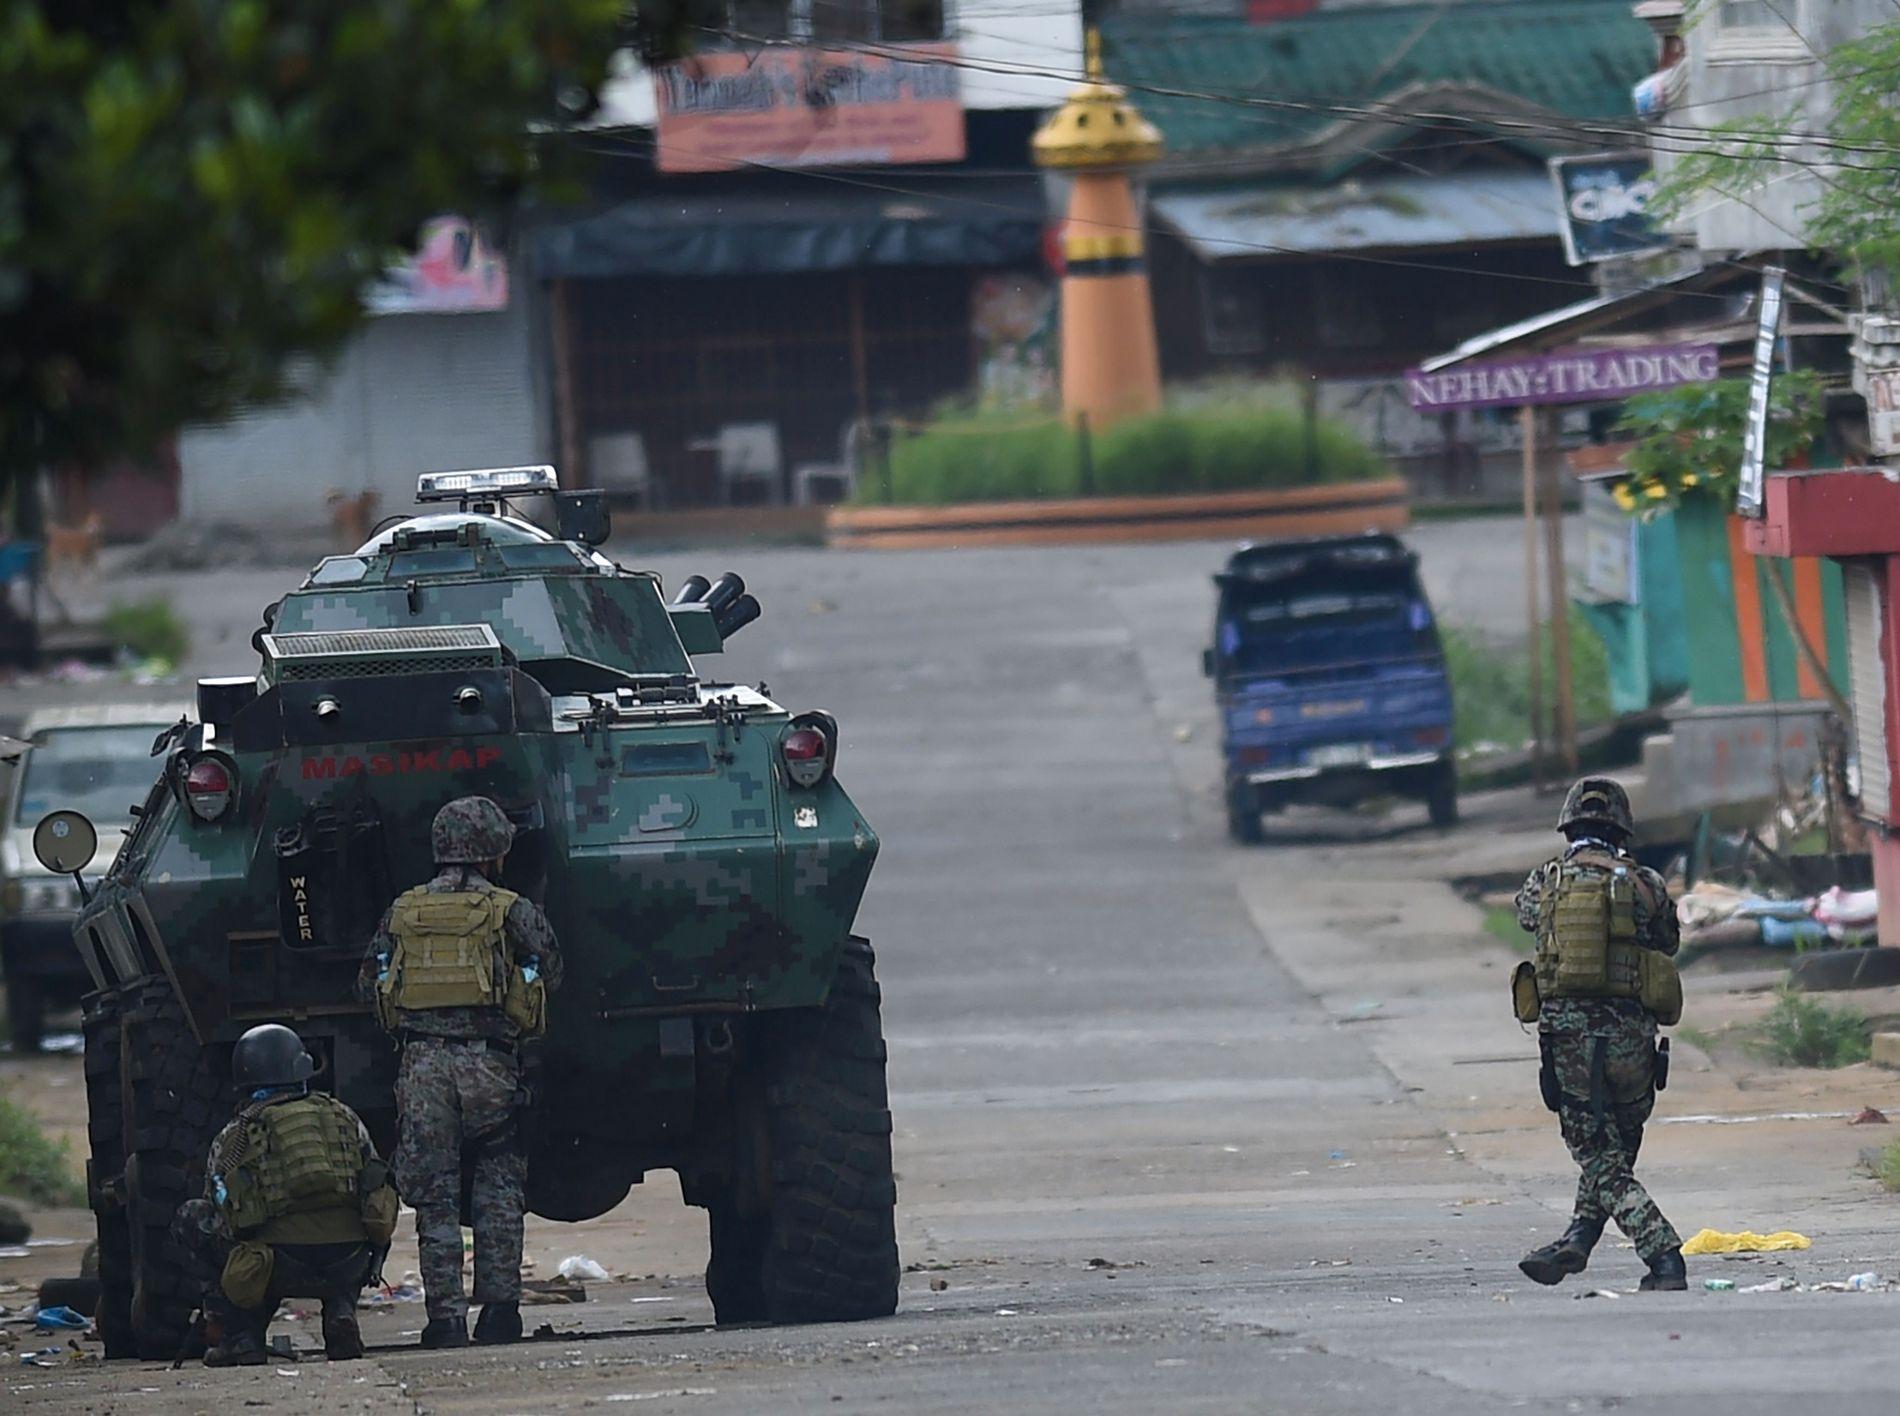 TOK KONTROLL: Spesialstyrker fra politiet rykker frem i gatene i byen Marawi på den sørlige øyen Mindanao. Islamister har drept 19 sivile i byen, inkludert kvinner og barn. Mandag fikk myndighetene kontroll over byen.